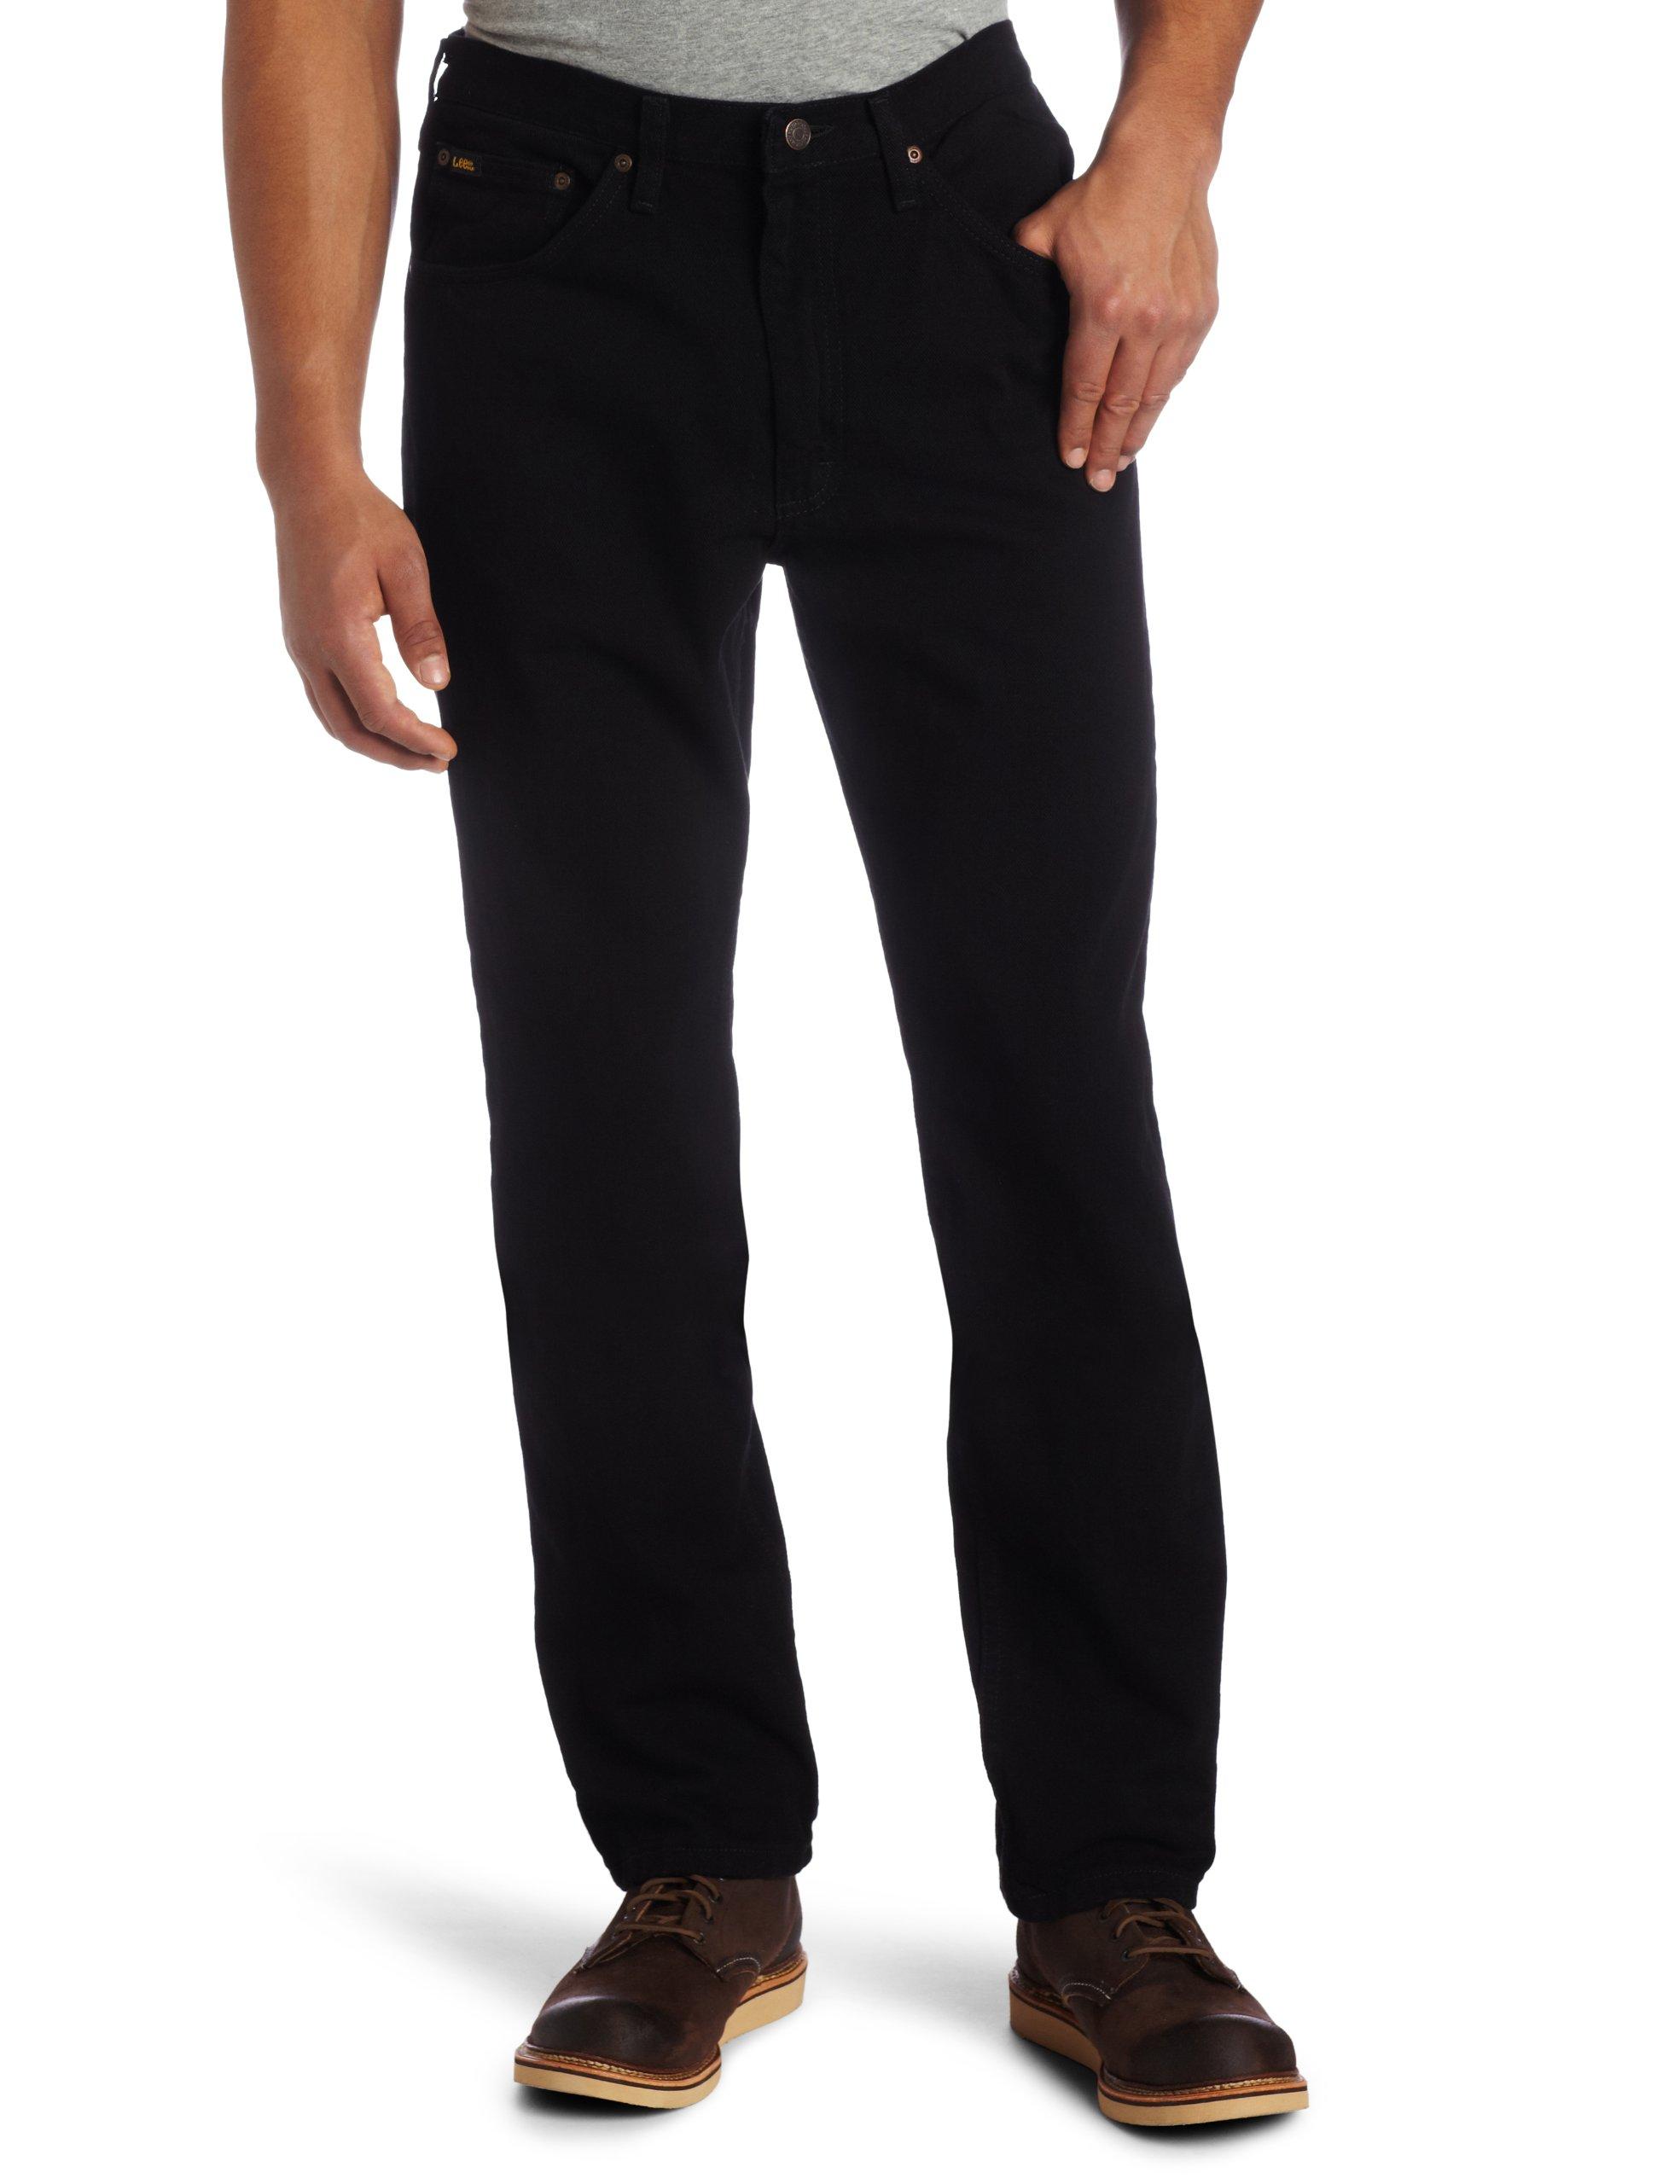 Lee Men's Regular Fit Straight Leg Jean, Double Black, 36W x 29L by LEE